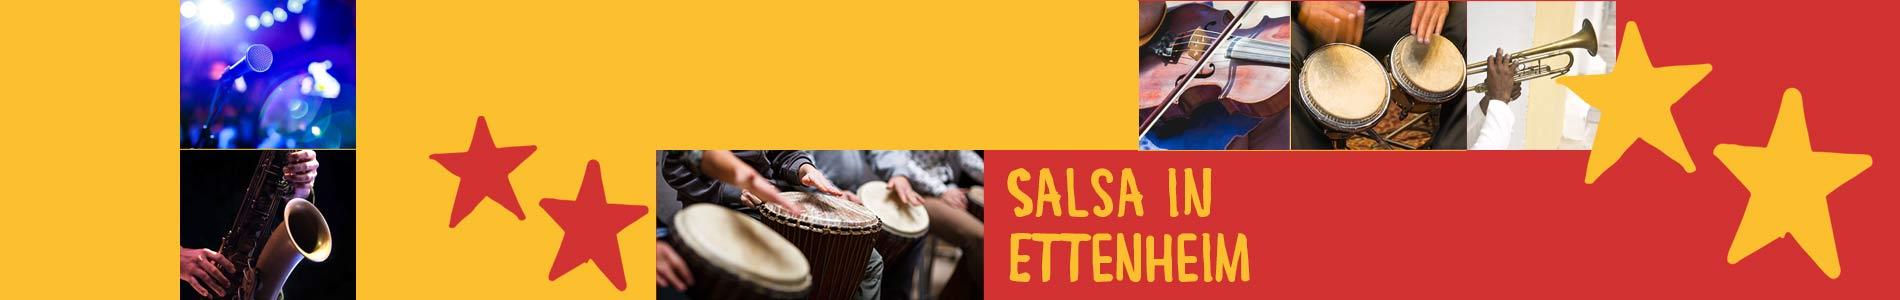 Salsa in Ettenheim – Salsa lernen und tanzen, Tanzkurse, Partys, Veranstaltungen